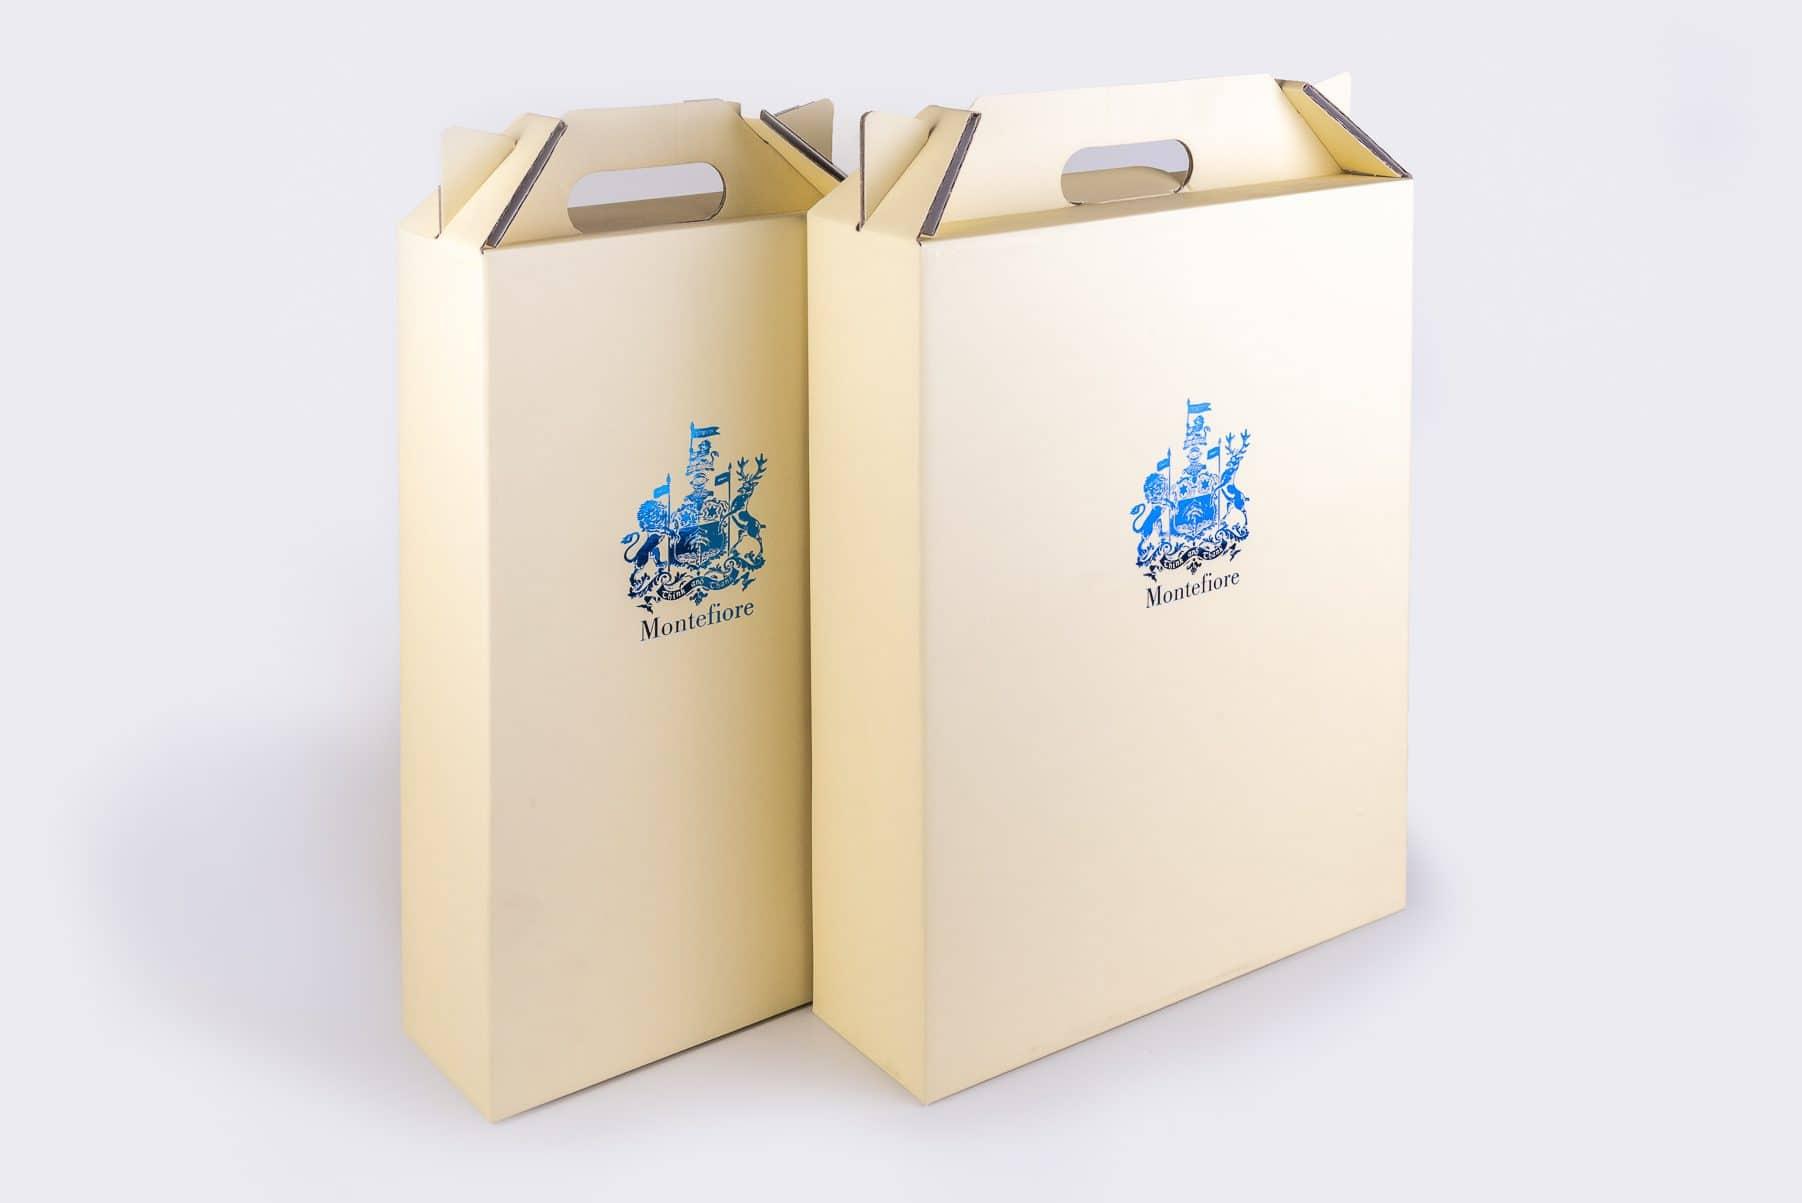 אריזות מתנה בעיצוב אישי שמכיל בקבוקי יין שעוצב ונוצר עבור יק במונטיפיורי. מארז קלאסית בצבע שמנת עם לוגו כחול. שימוש בשטנץ ייחודי בהדפסה לקיפולים המיוחדים.